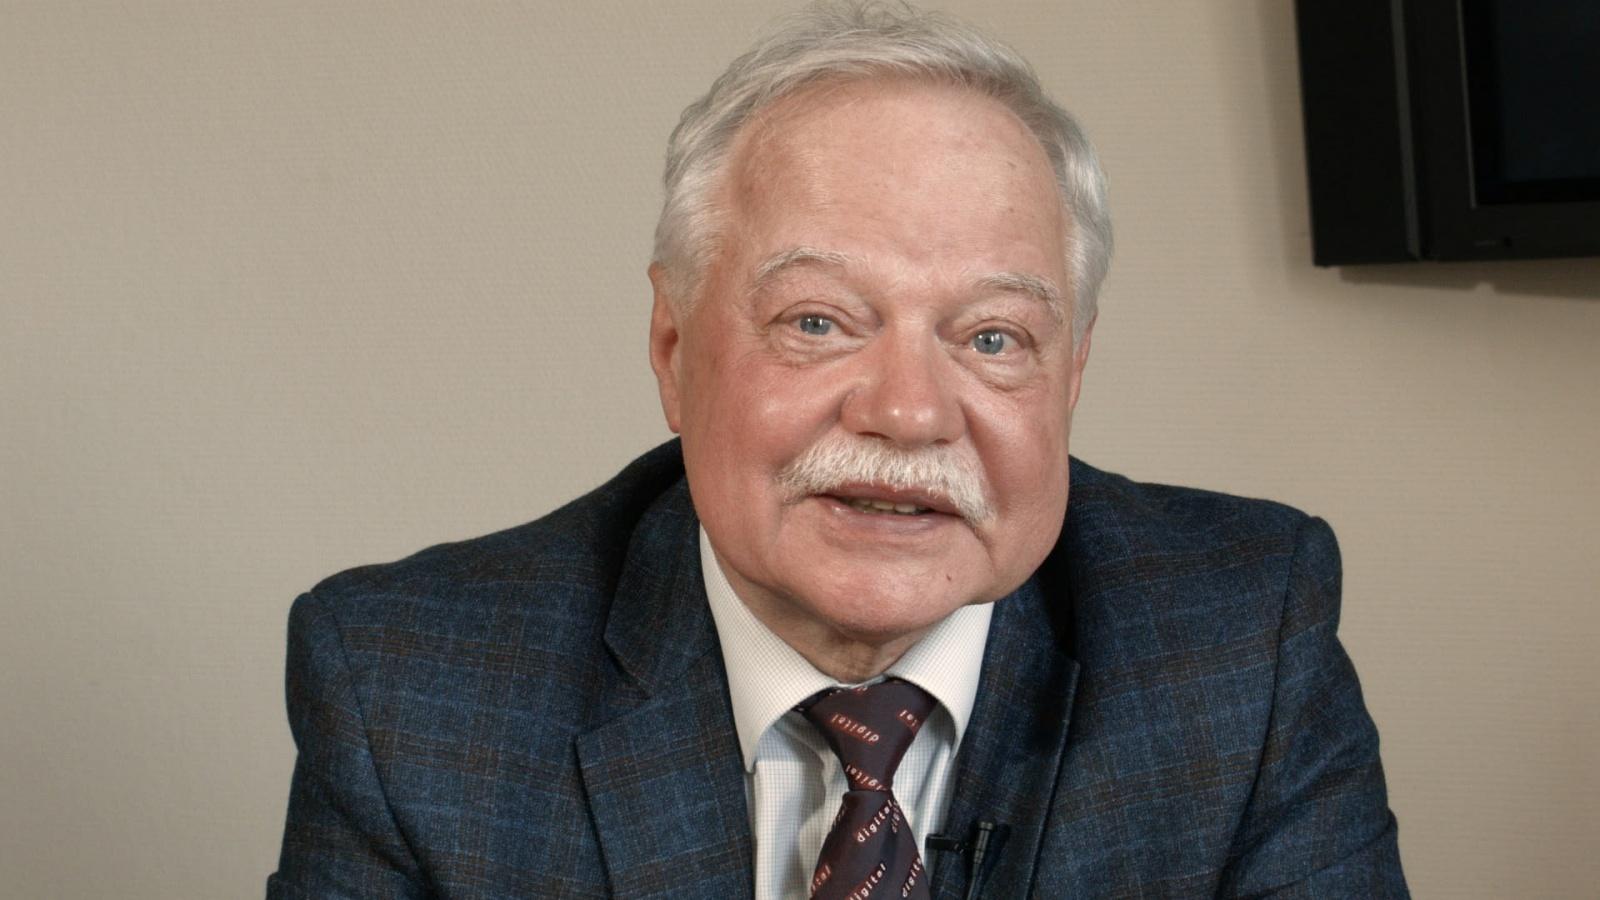 Владимир Китов: «Невозможно понять, как ученые-первопроходцы предвидели всеобщую компьютеризацию еще в 1950-х!» - 1